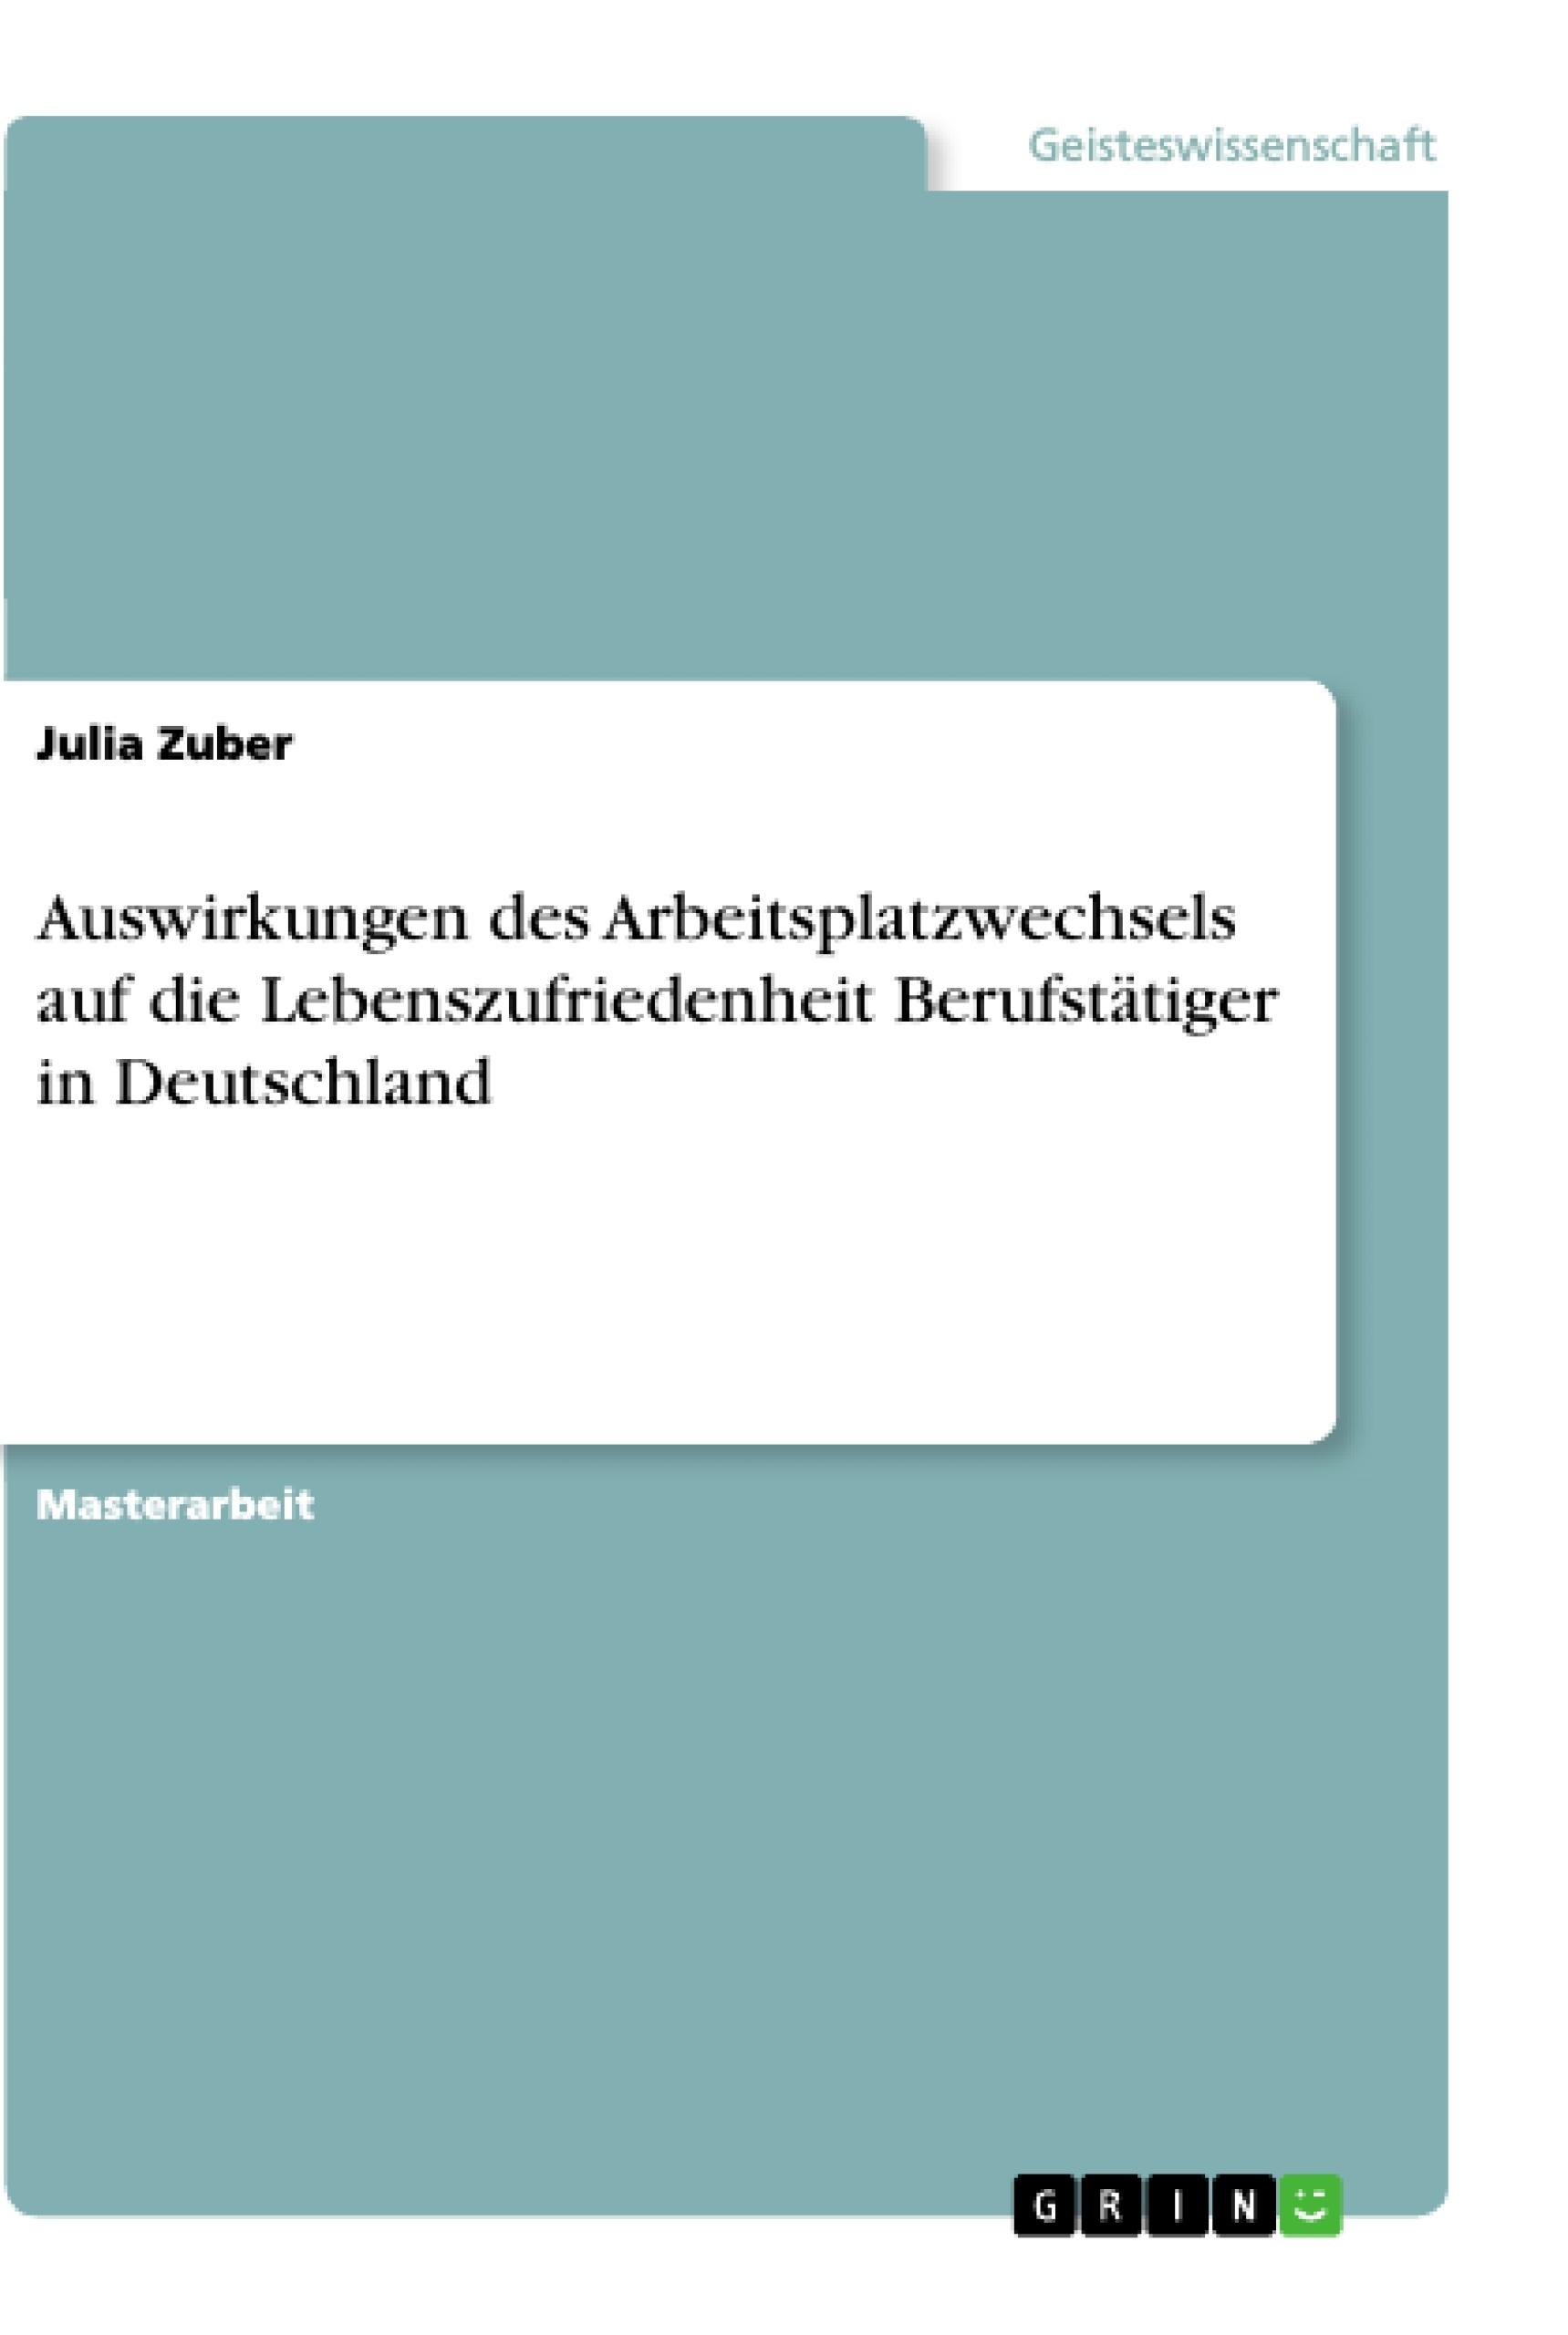 Titel: Auswirkungen des Arbeitsplatzwechsels auf die Lebenszufriedenheit Berufstätiger in Deutschland